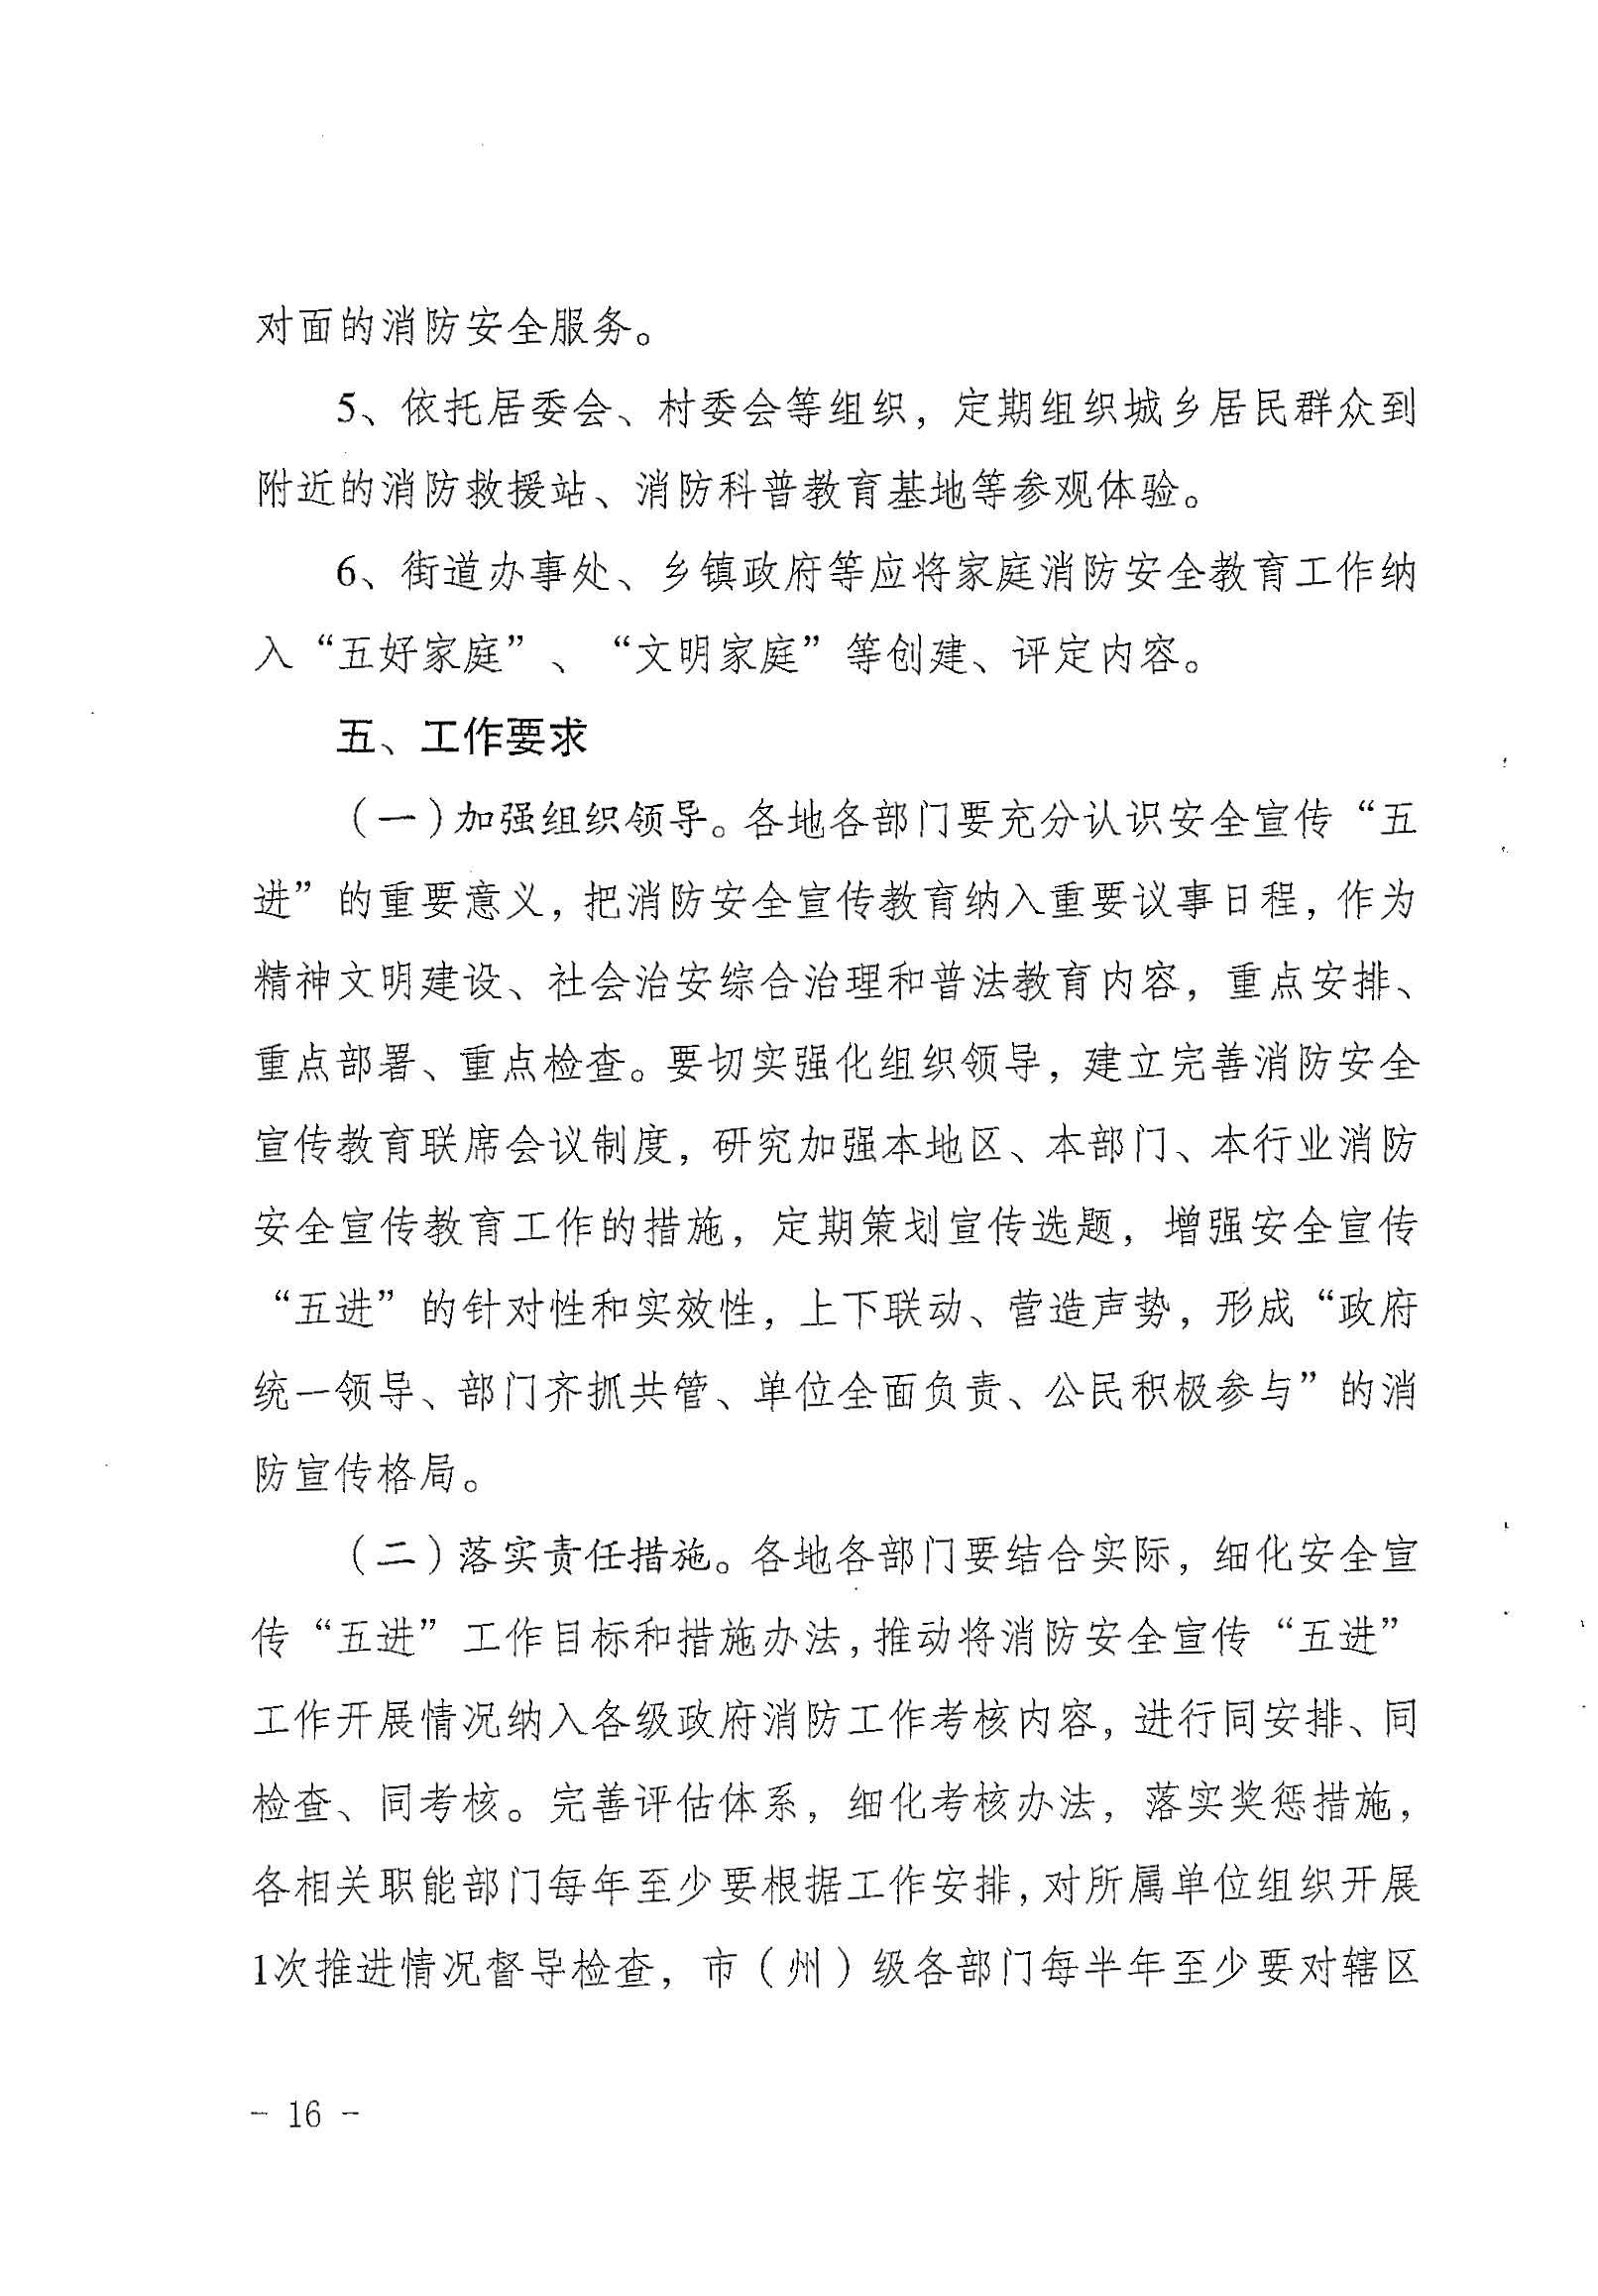 """省消防安委办关于印发《青海省消防安全宣传教育""""五进""""工作实施细则》的通知(青消安委[2020]20号)_页面_16.jpg"""